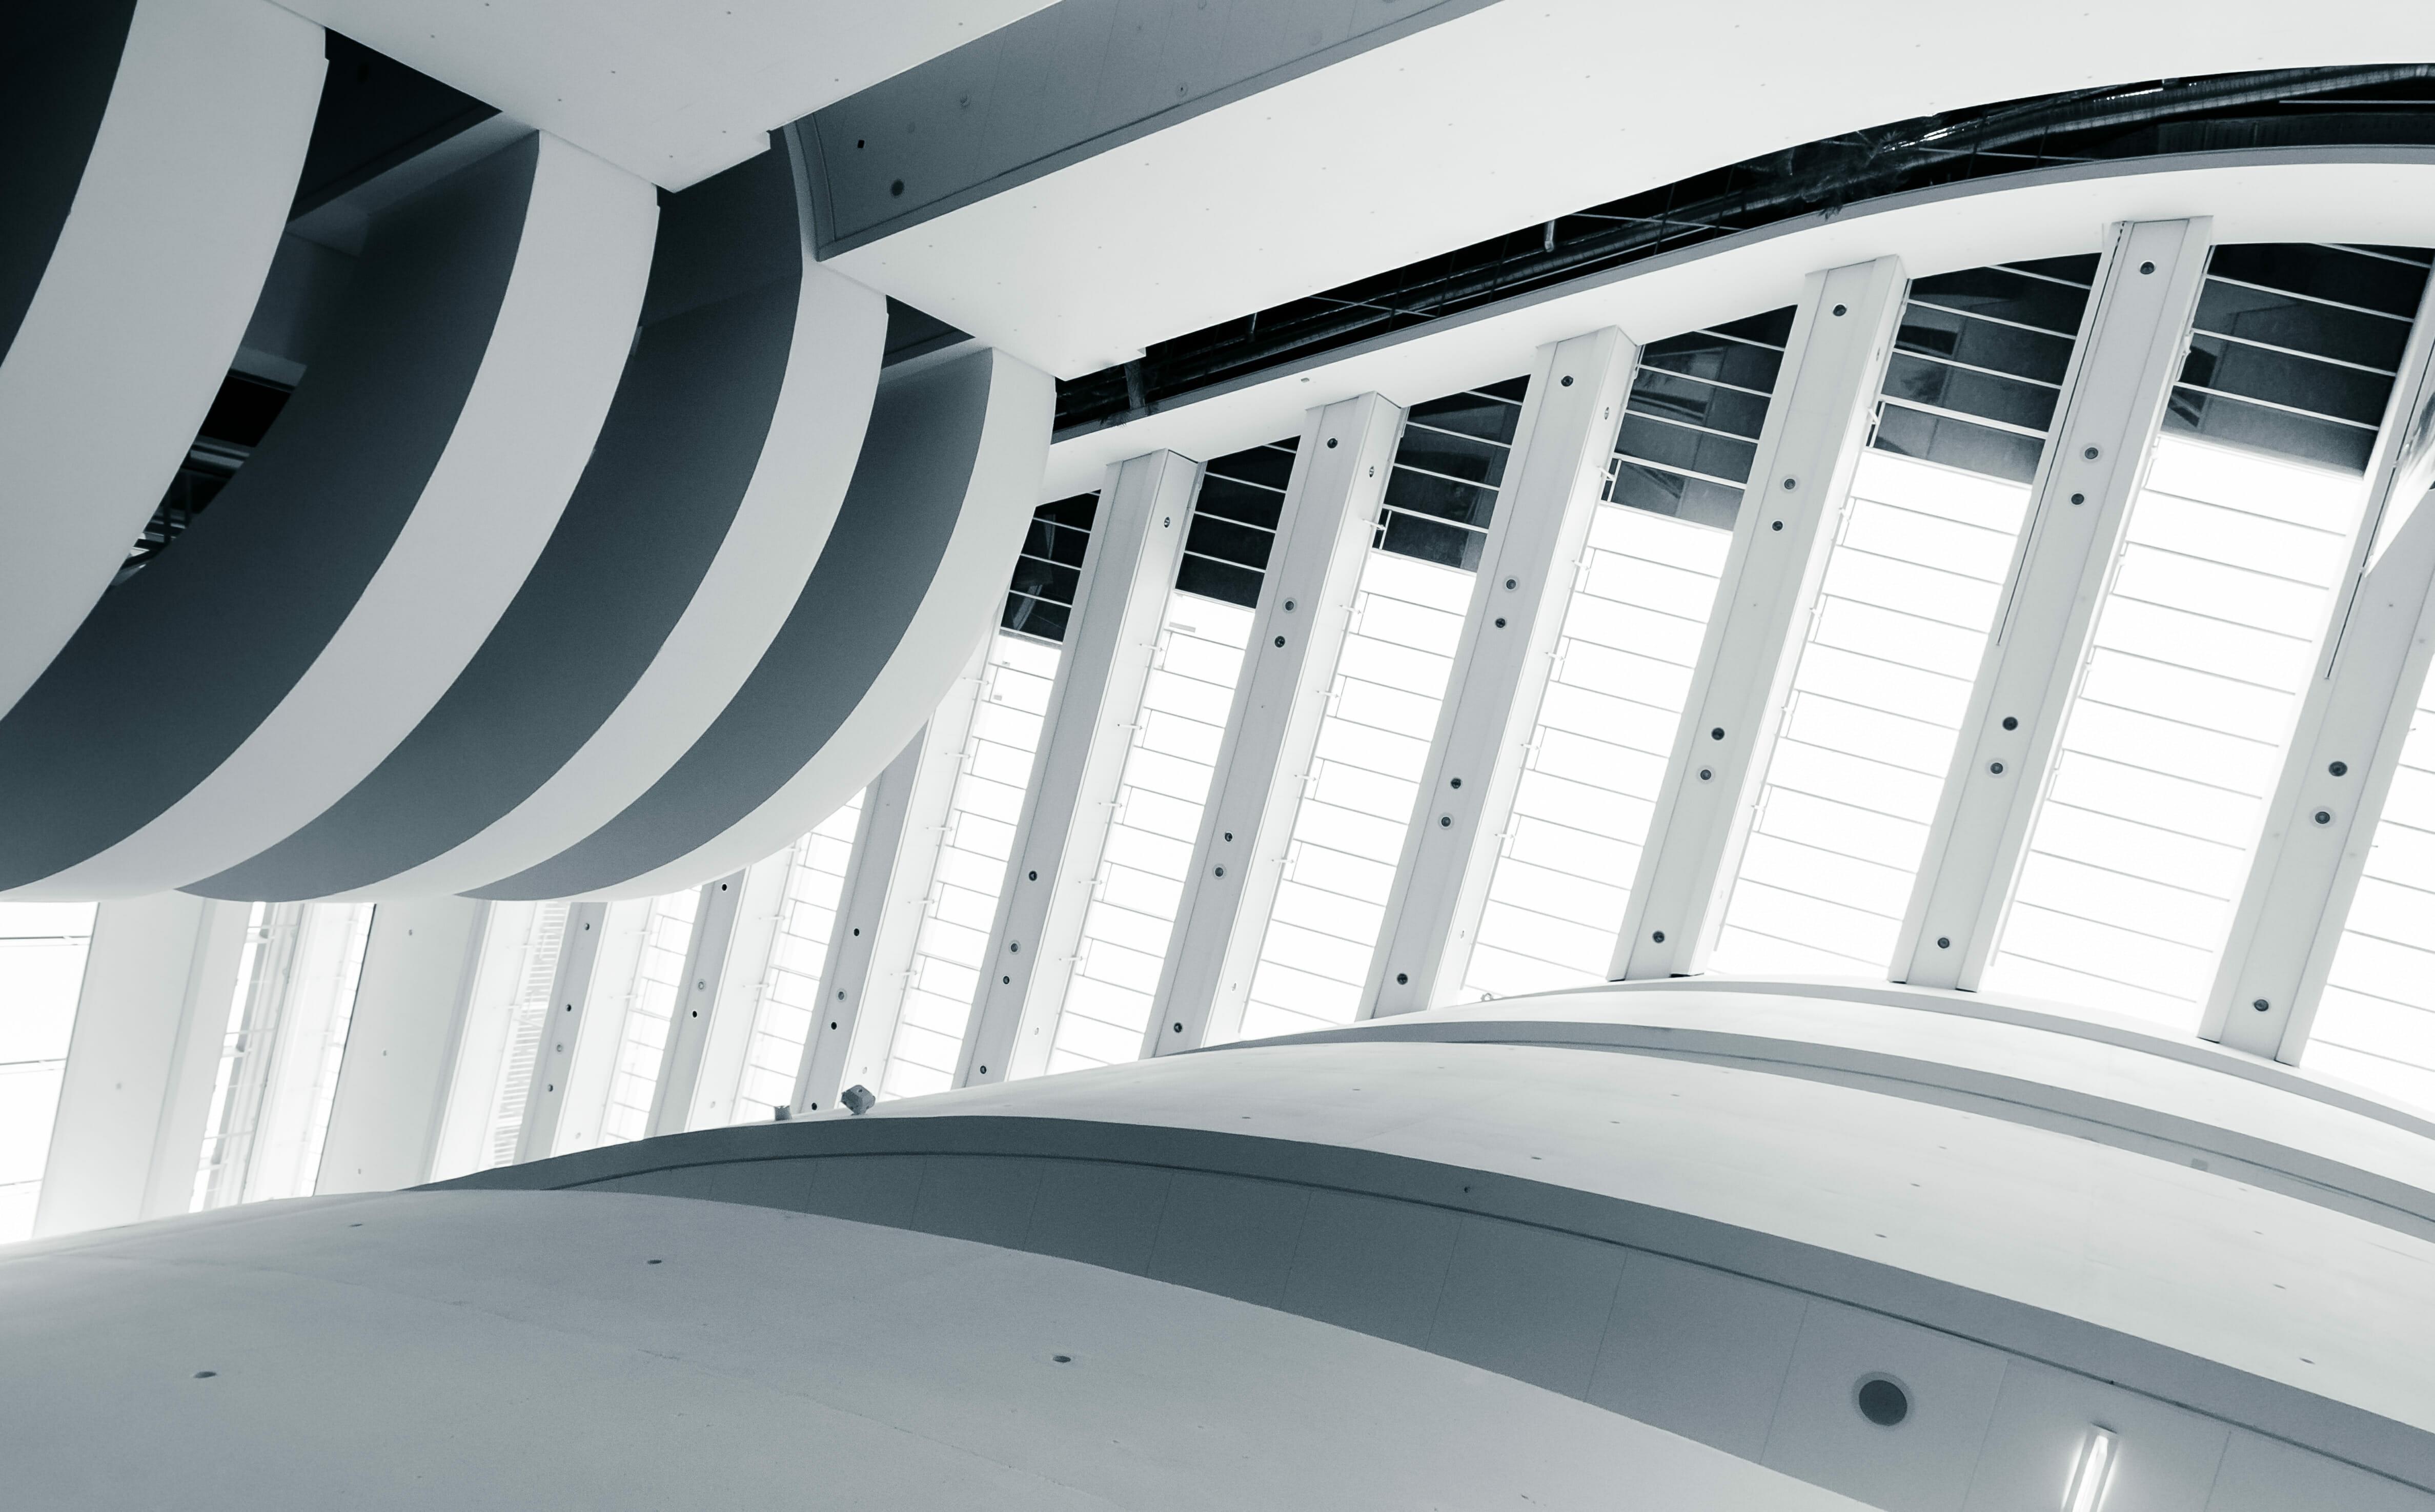 Zdjęcia architektury wnętrz